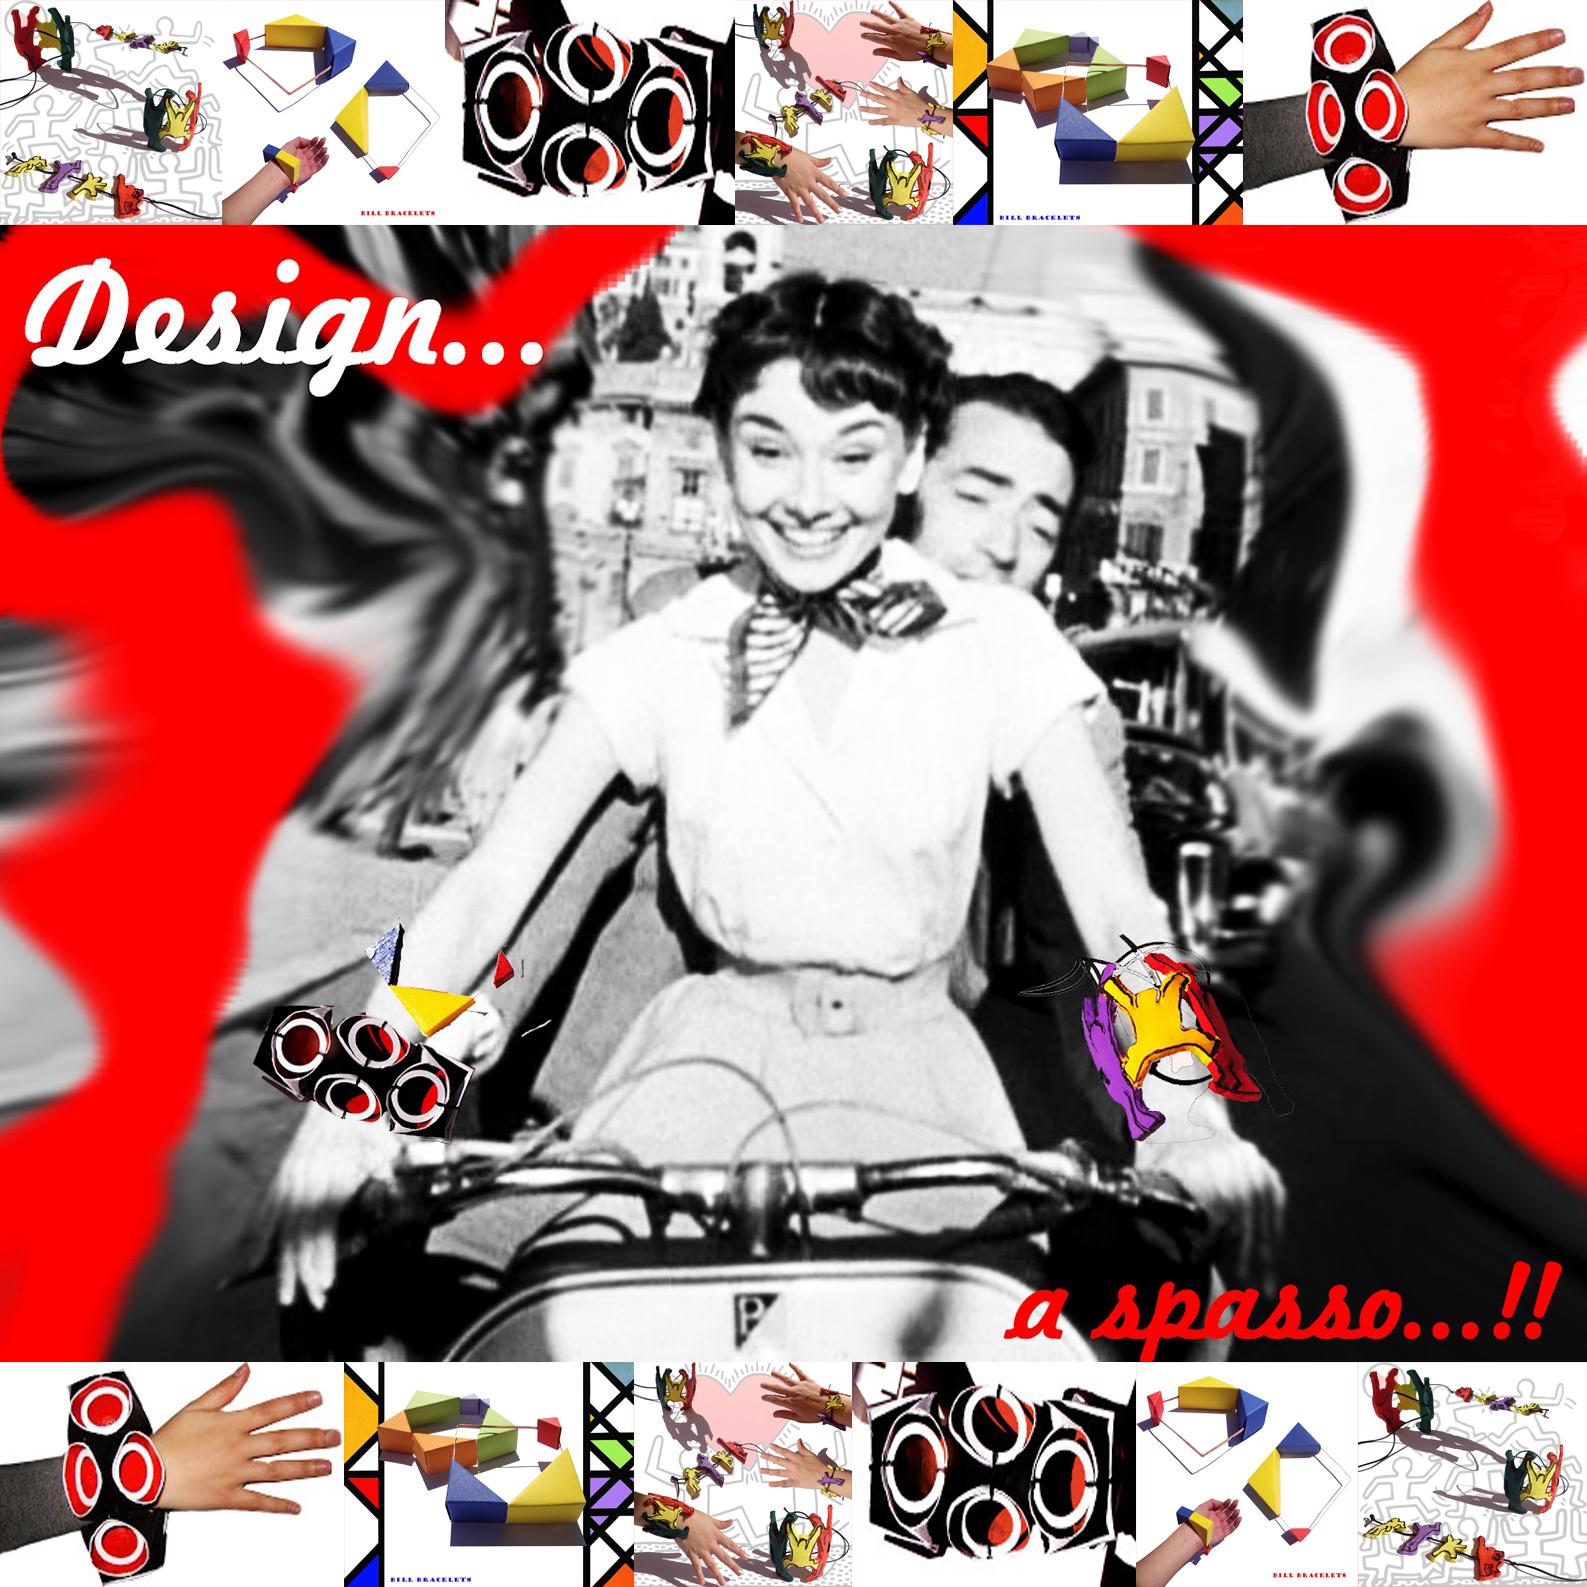 Deeps design 1 by cecilia polidori la vespa simbolo del for Design italiano